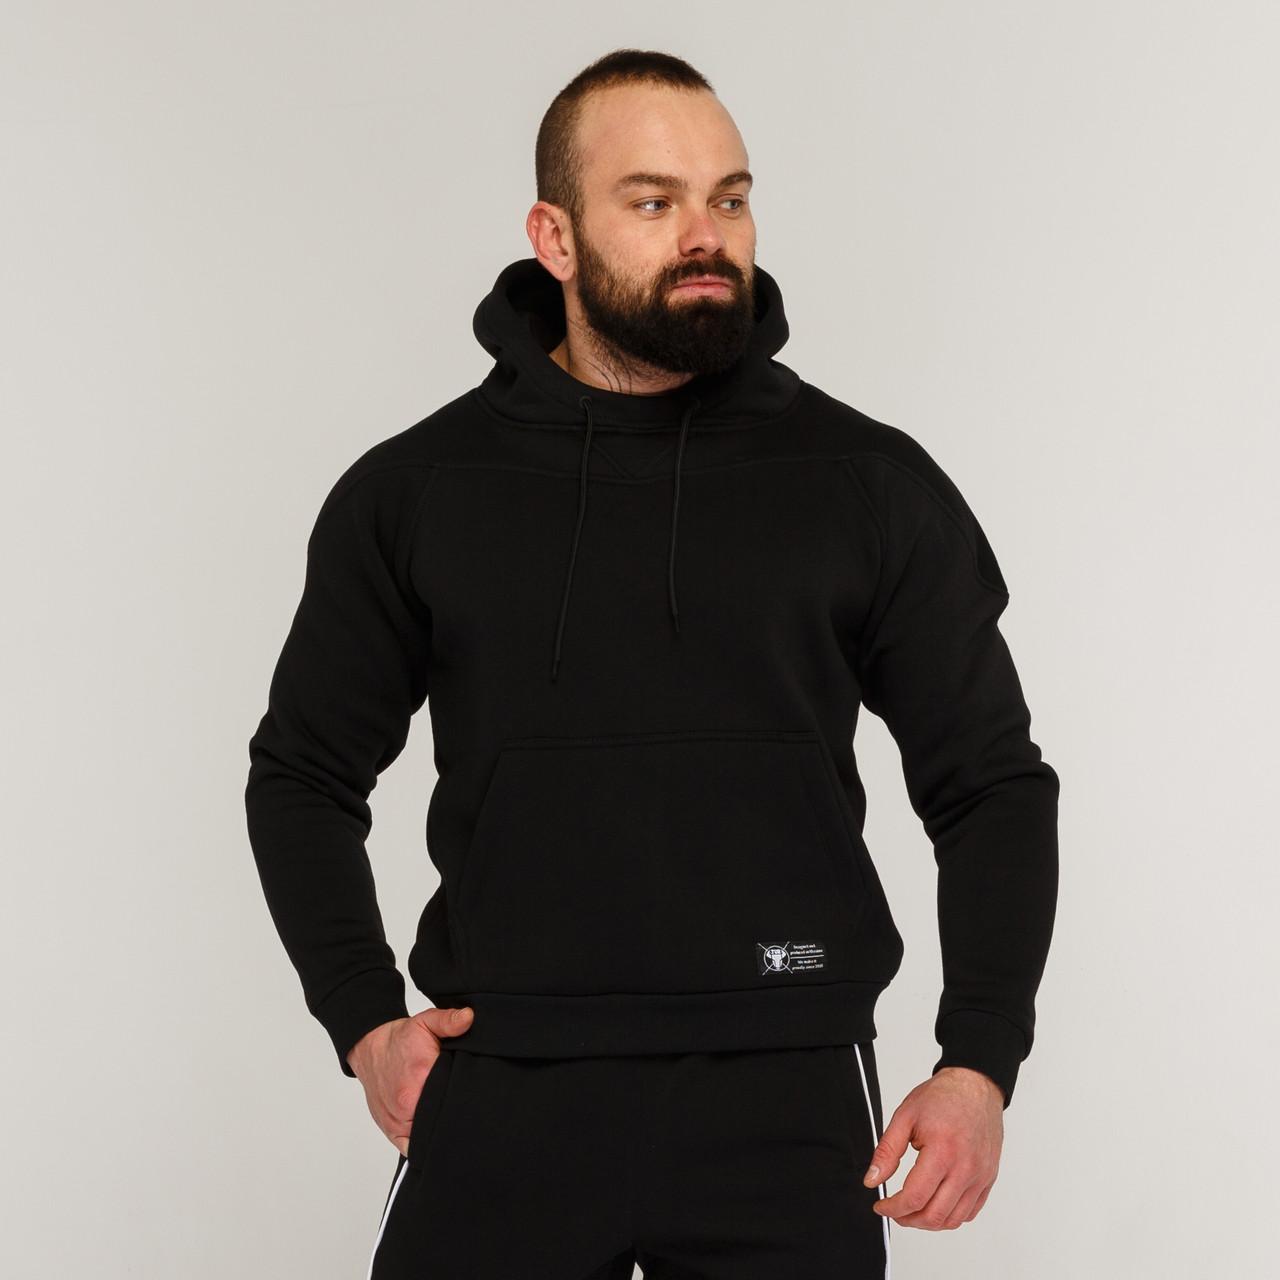 Худи мужской утепленный черный от бренда ТУР модель Ракета